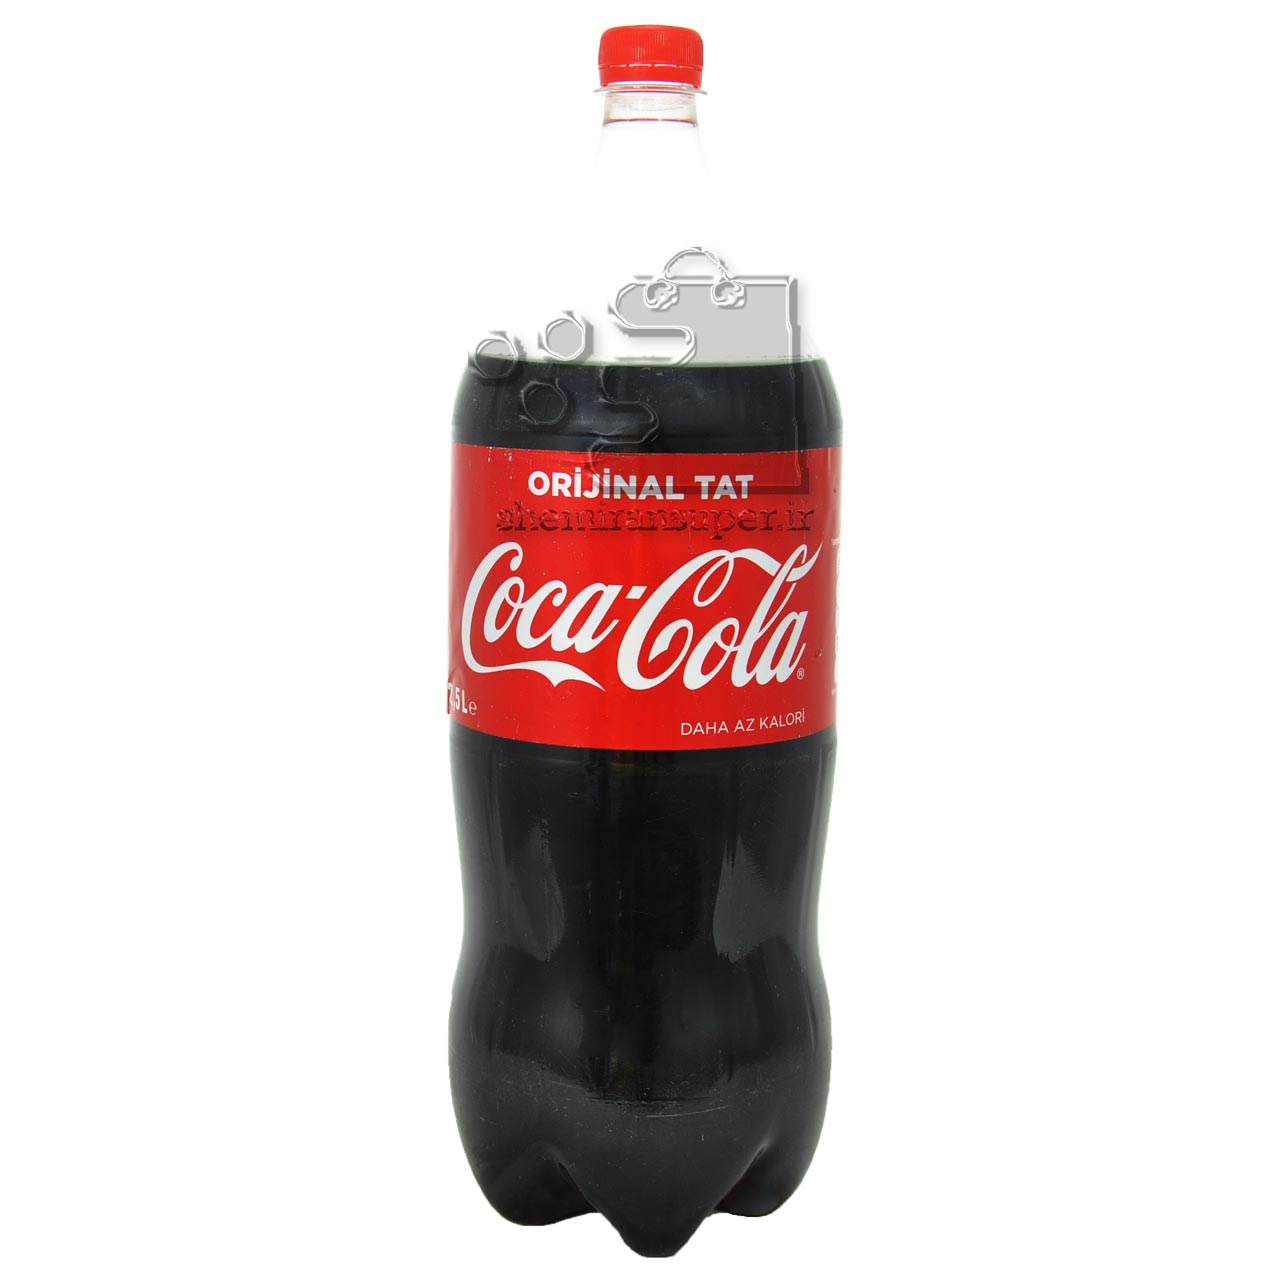 تصویر نوشابه ۲٫۵ لیتر کوکاکولا – Coca Cola